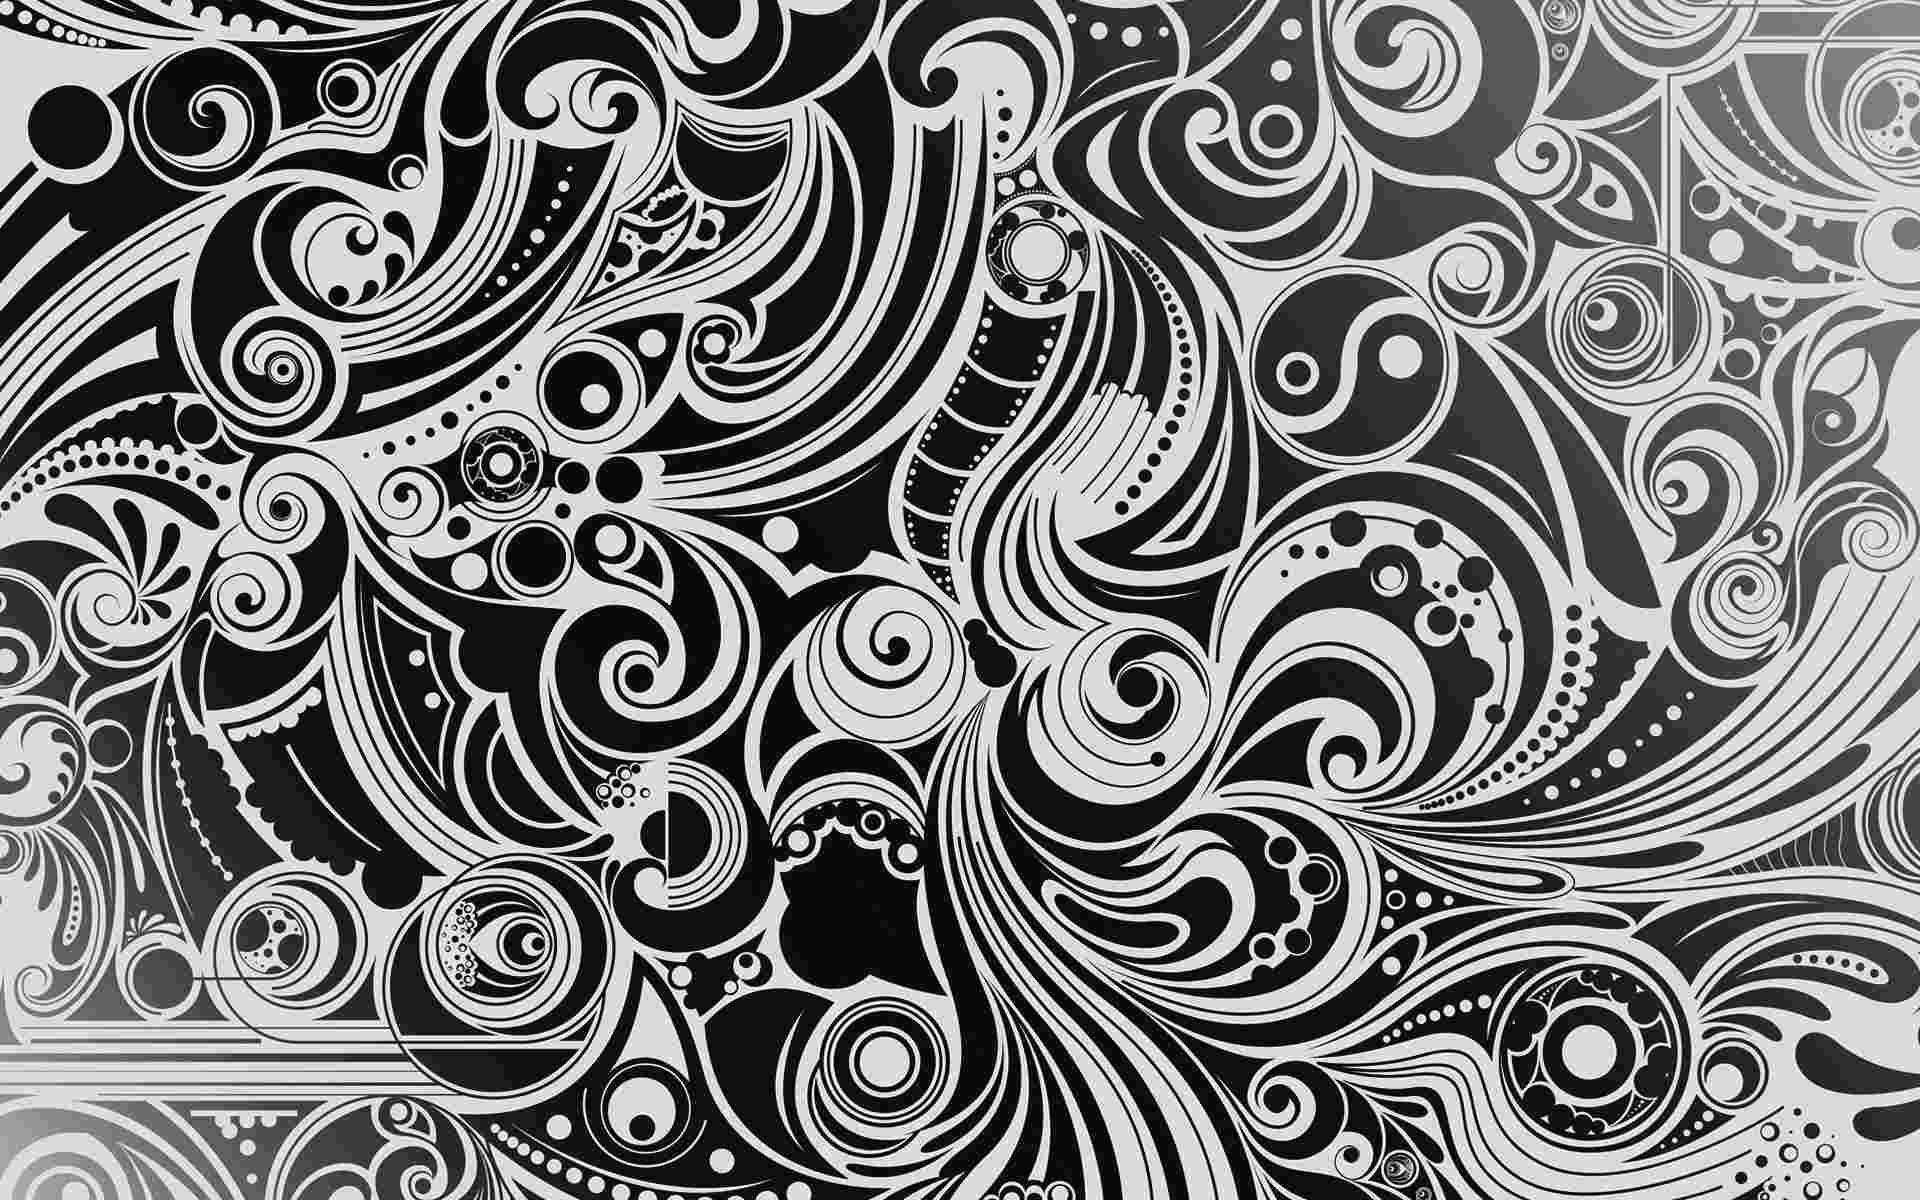 Beautiful Abstract Monochrome Pattern